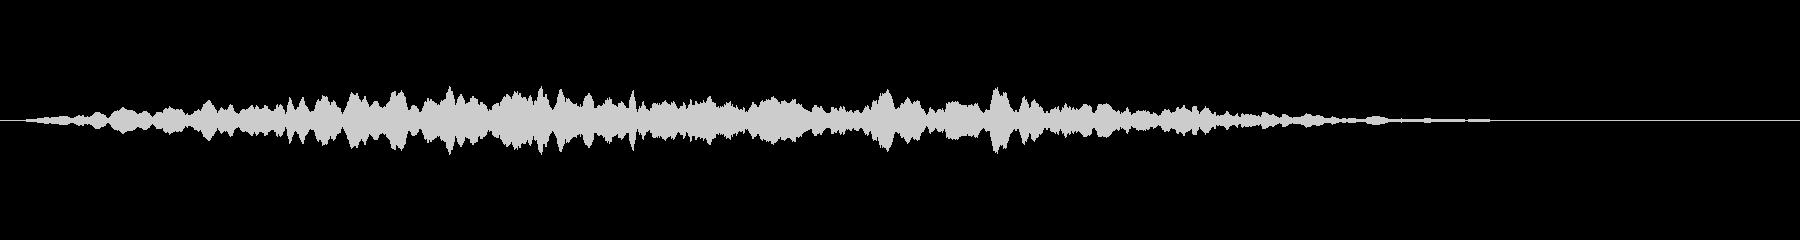 「フォーン」ホラー ノイズ サスペンスの未再生の波形